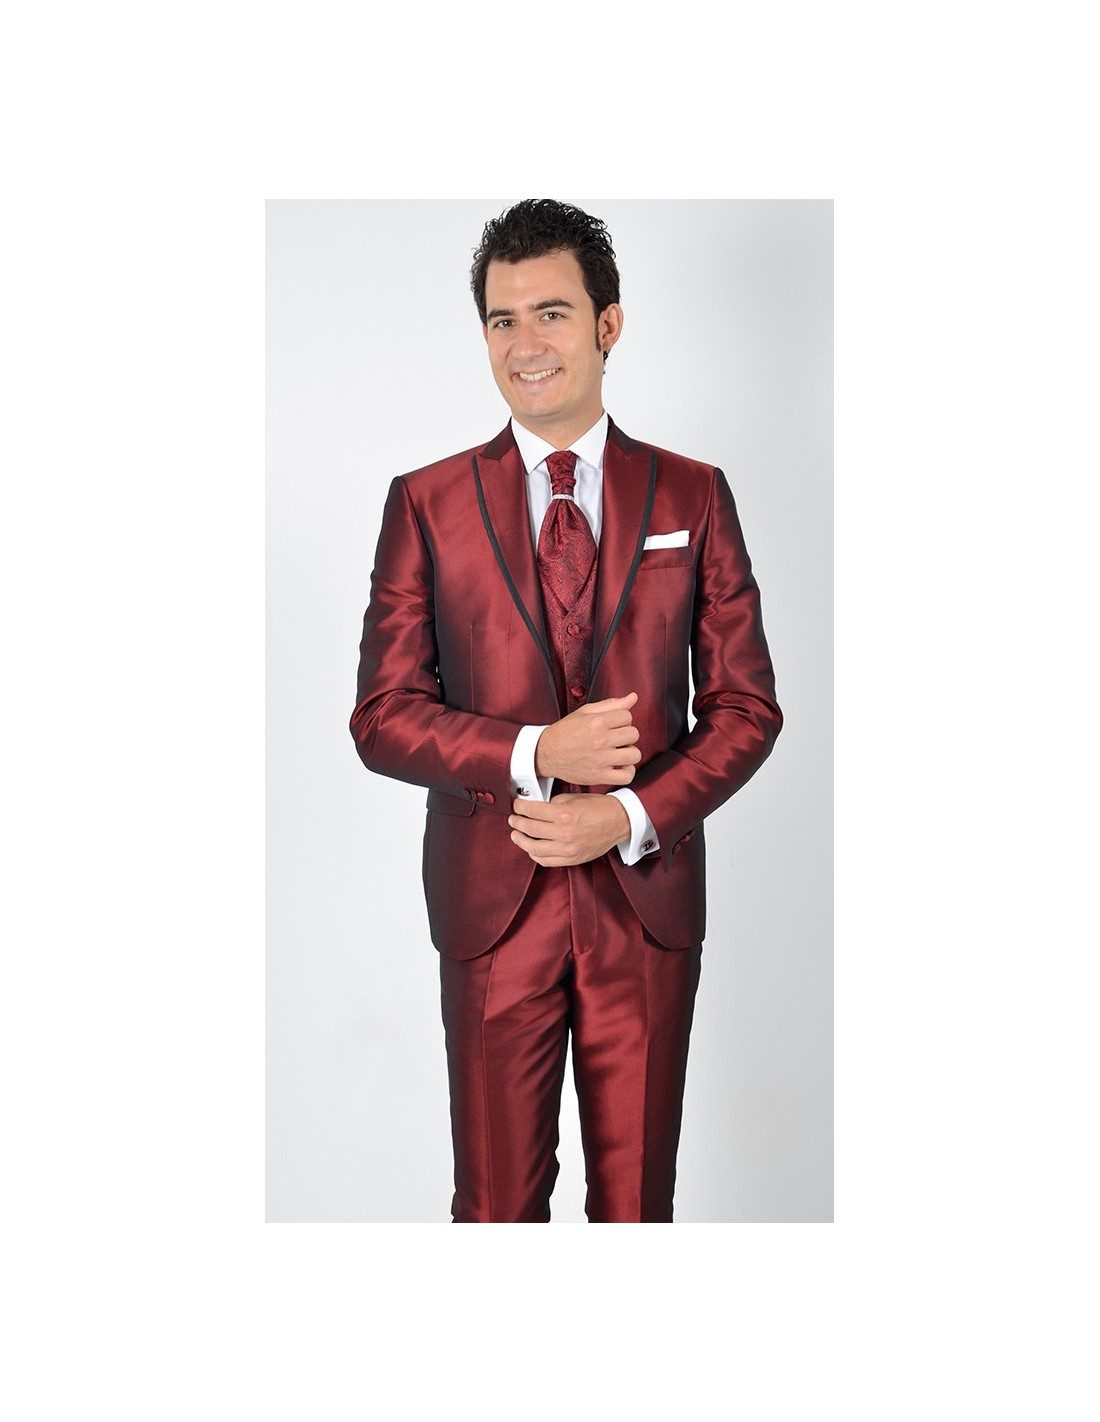 Abito Matrimonio Uomo Rosso : Vestito da sposo uomo rosso u vestiti da cerimonia